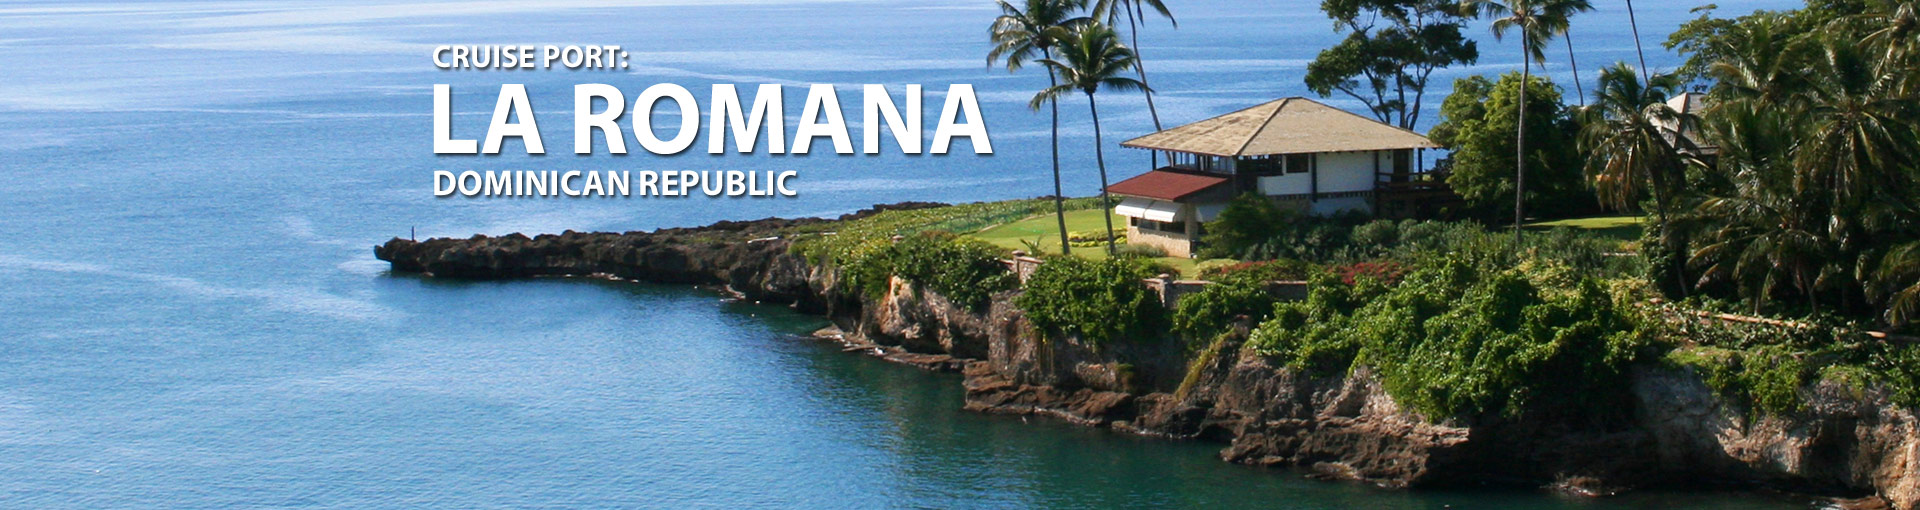 La romana dominican republic cruise port 2017 and 2018 cruises from la romana dominican